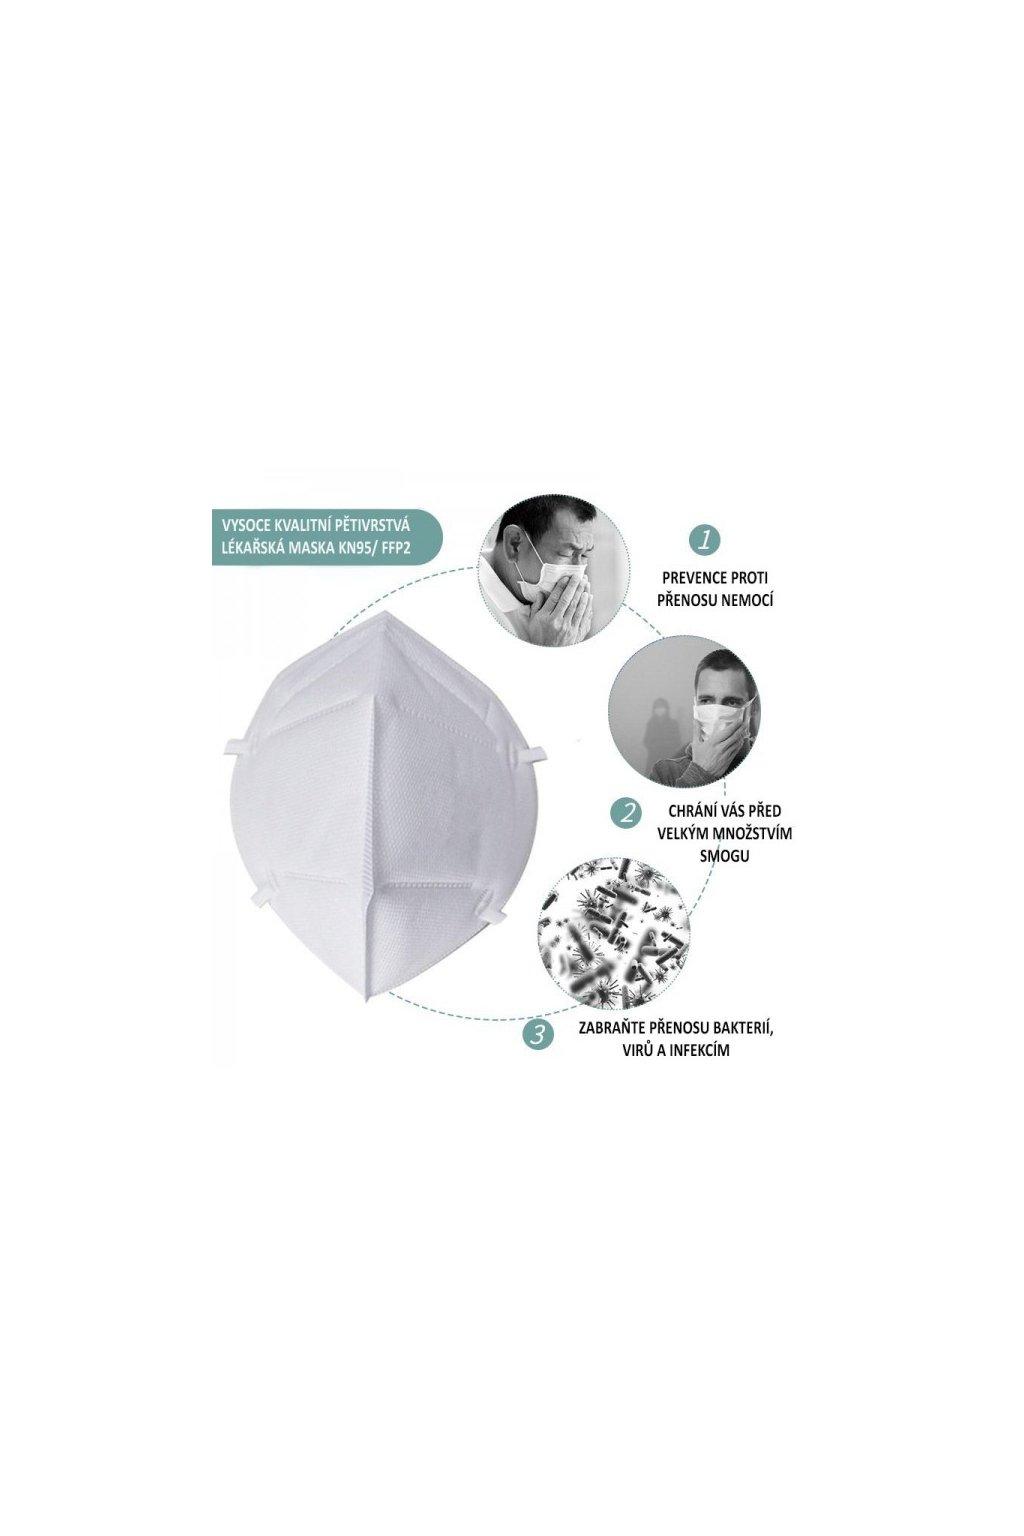 respirator ffp2 n95 kn95 5 filtracnich vrstev nejkvalitnejsi